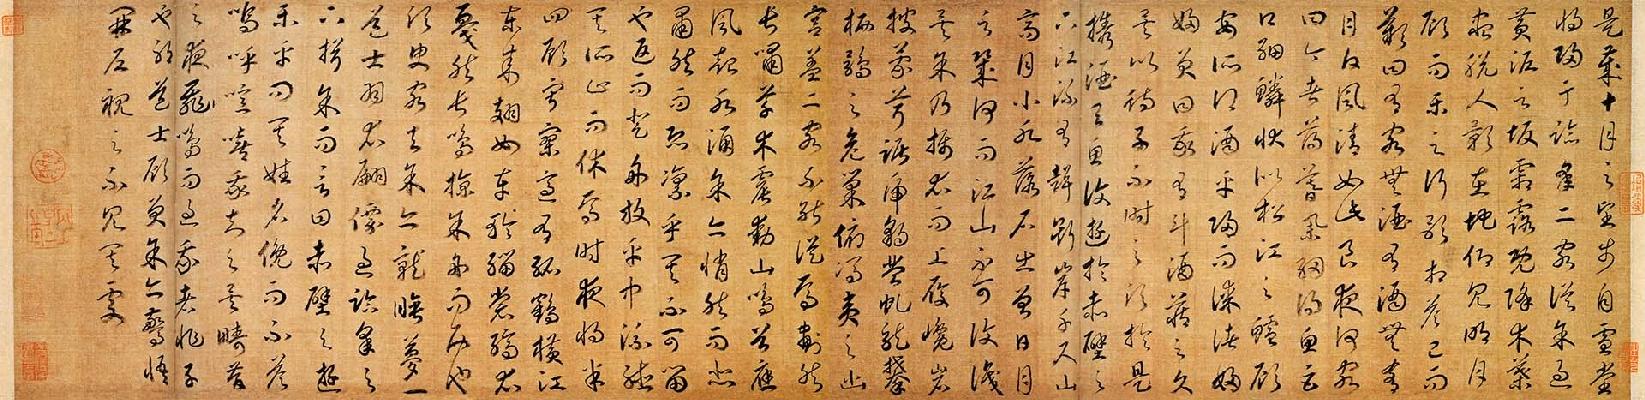 宋 赵构-草书后赤壁赋卷 绢本29.5X143